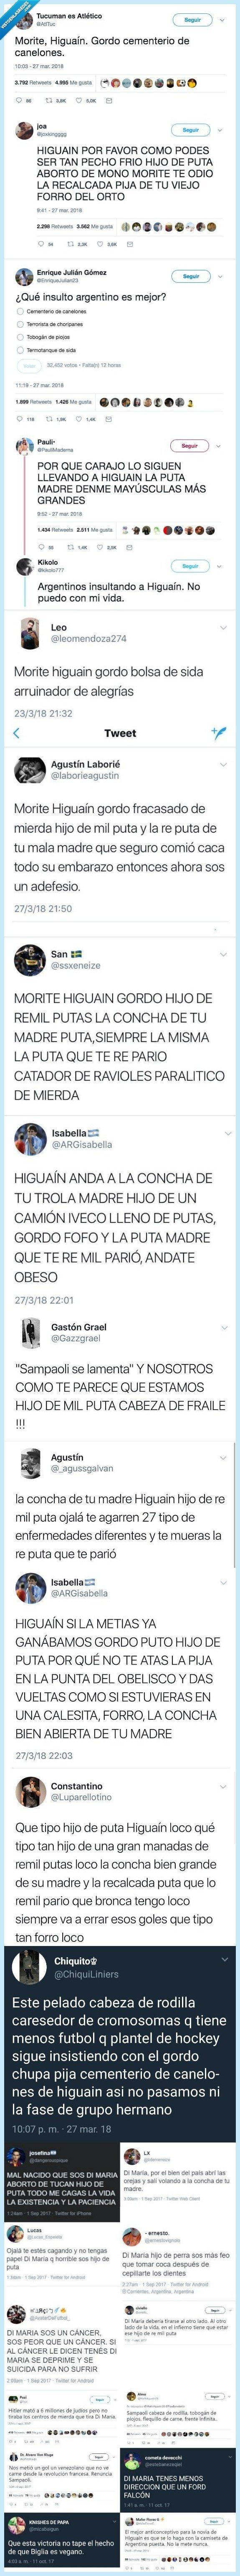 485330 - El España- Argentina dejó ayer los mejores insultos que leerás en tu vida